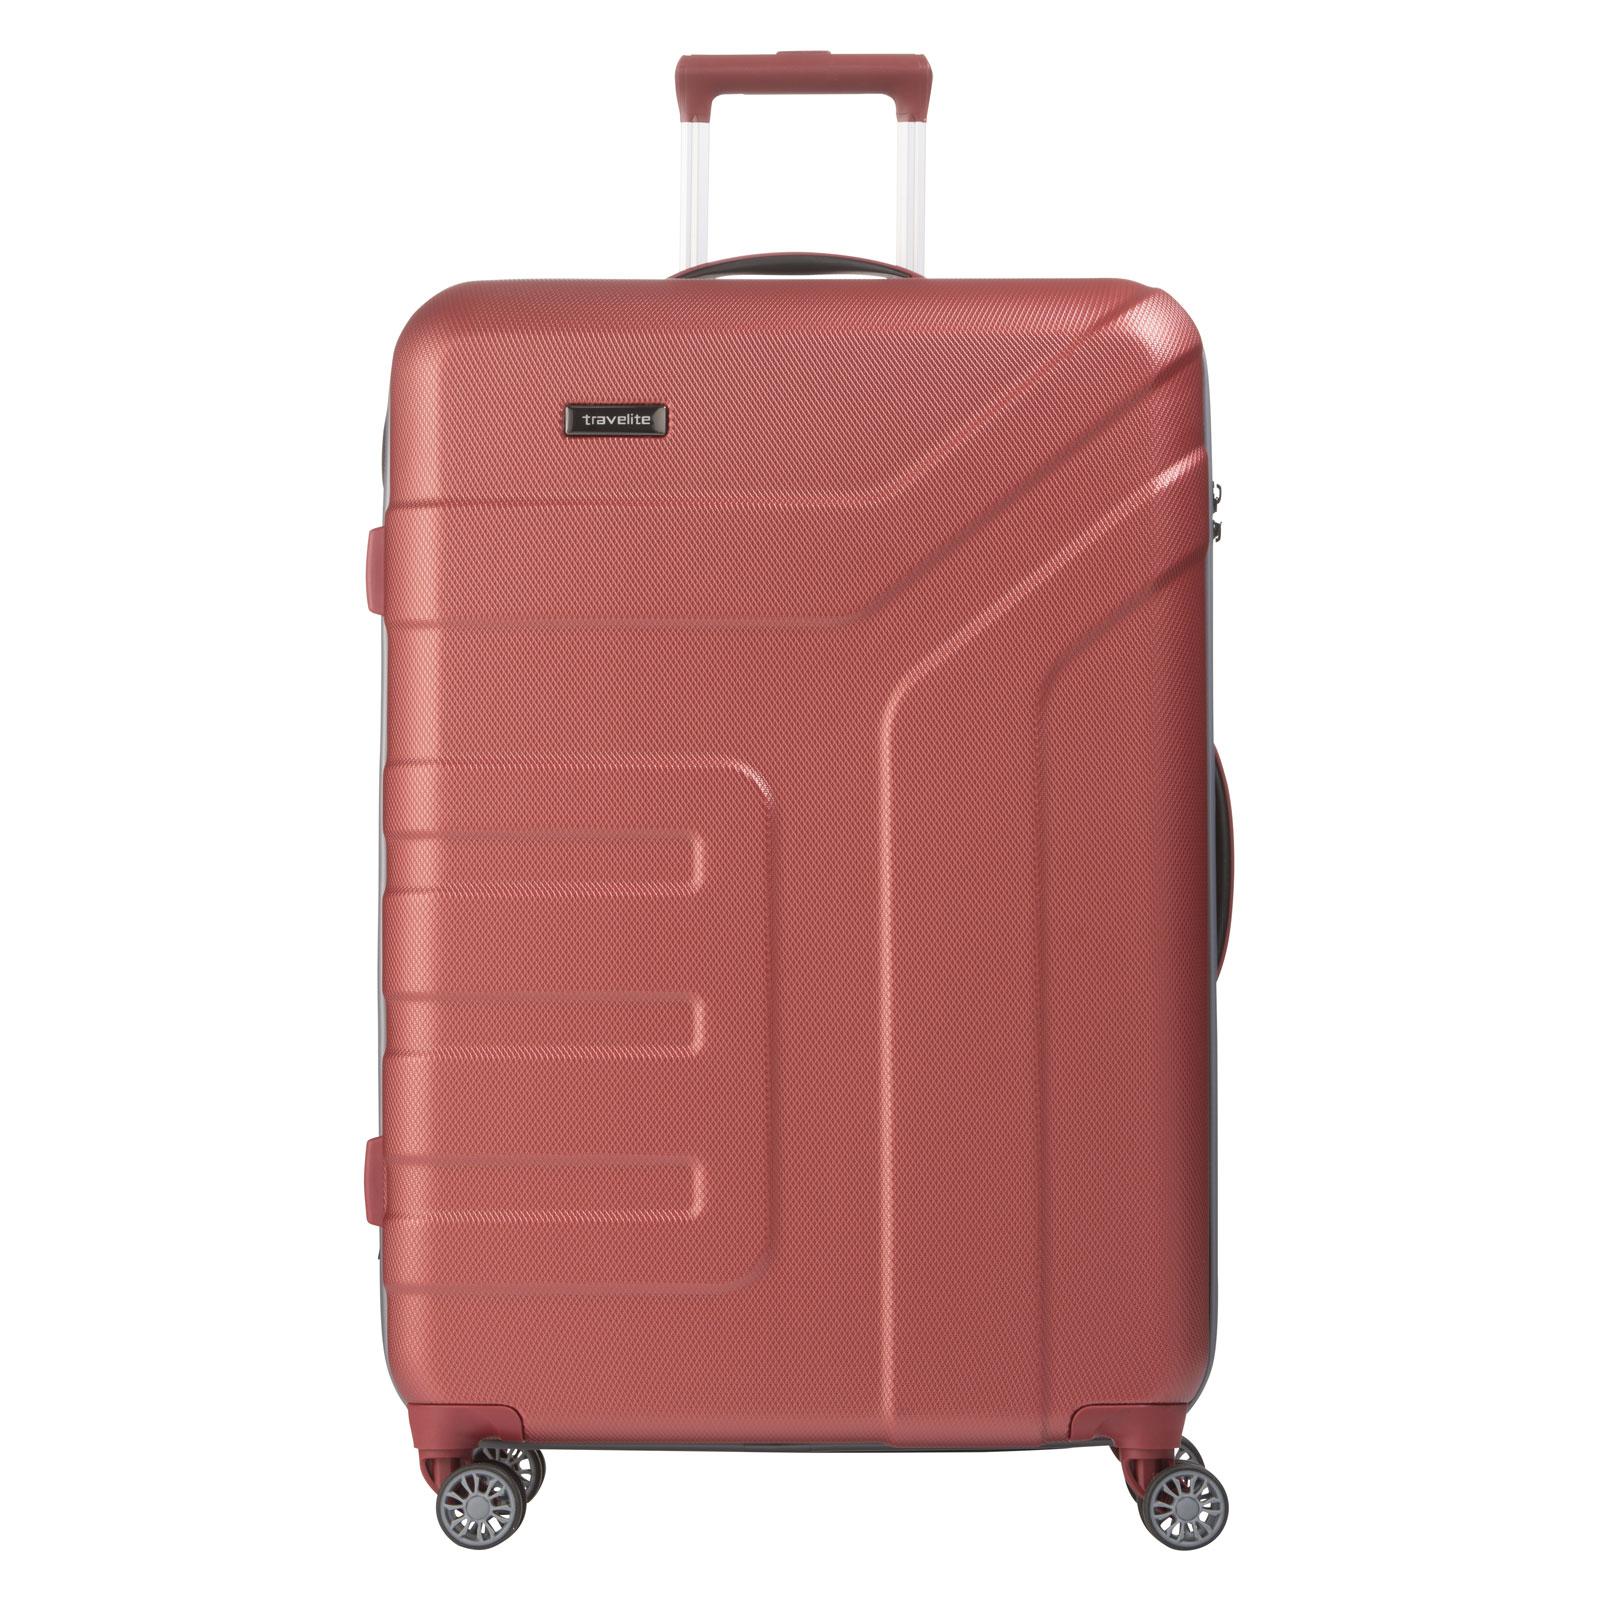 travelite vector trolley 4 rollen gro g nstig kaufen koffermarkt. Black Bedroom Furniture Sets. Home Design Ideas